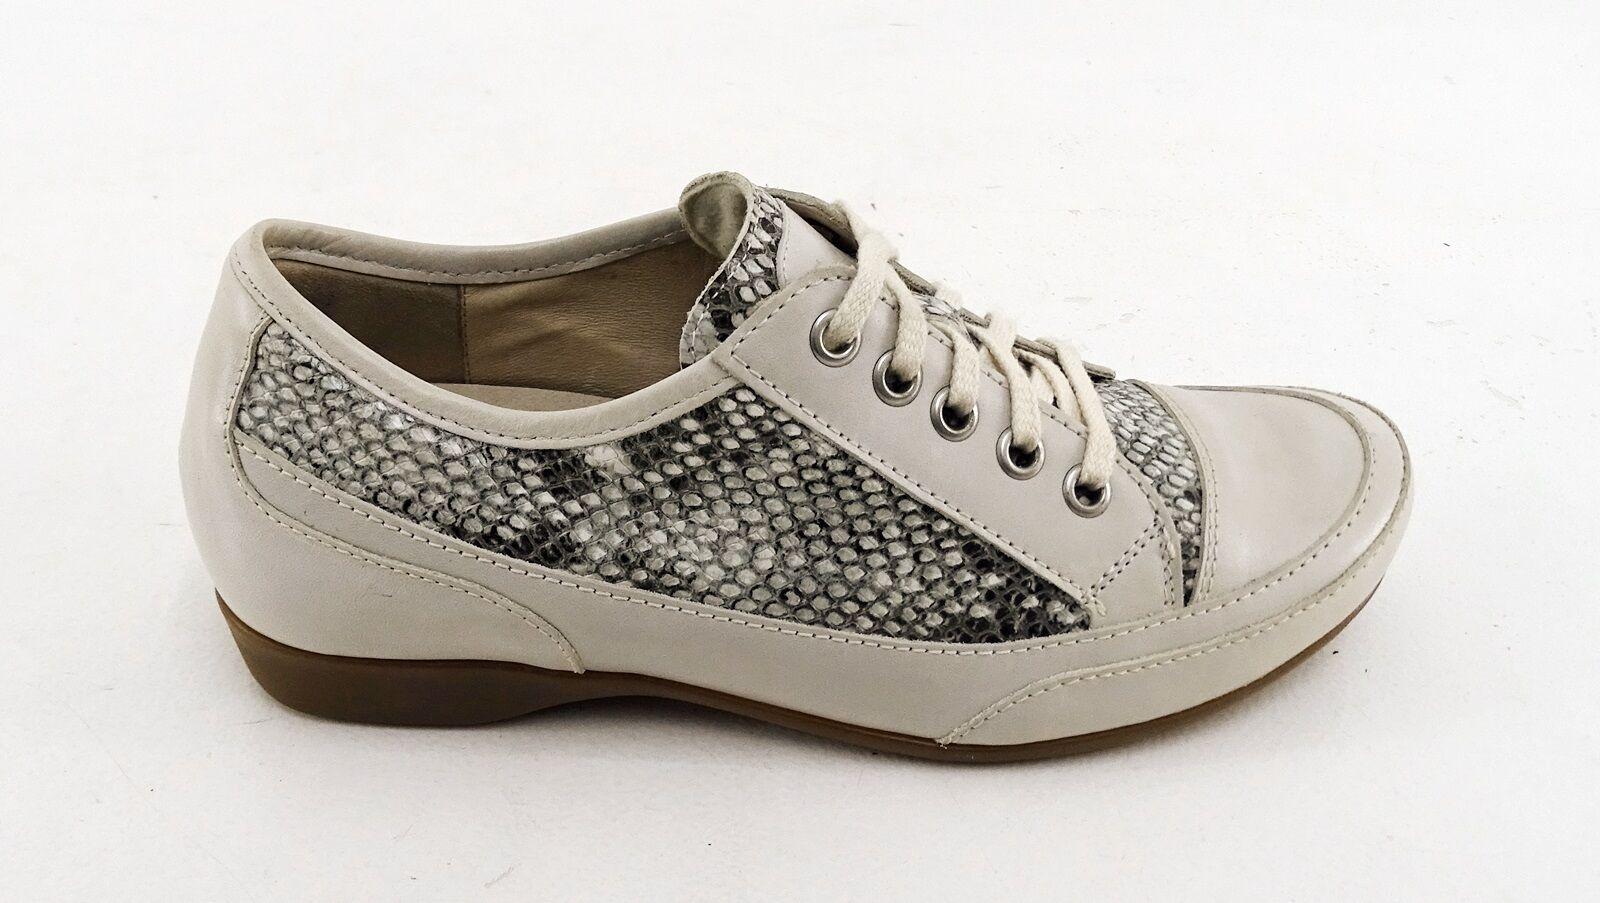 Sneaker Semler Halbschuhe 2,5 Luftpolster Schnürer Echtleder offWeiß Gr. 2,5 Halbschuhe = 35,5 3ed86e